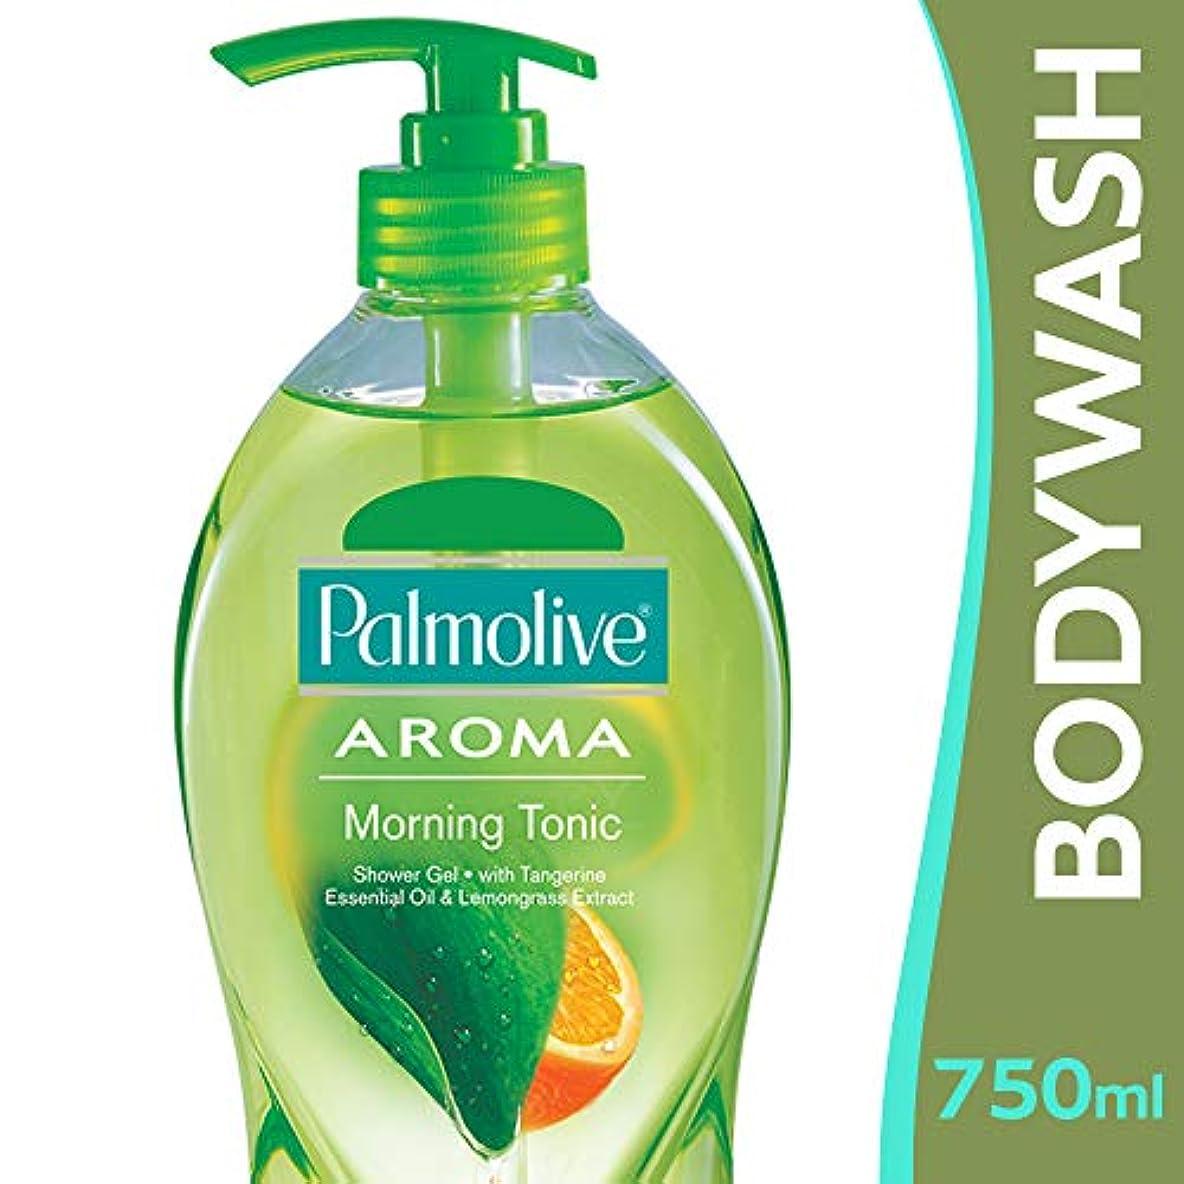 副産物文持ってる【Palmolive】パルモリーブ アロマセラピーシャワージェル(モーニングトニック)750ml